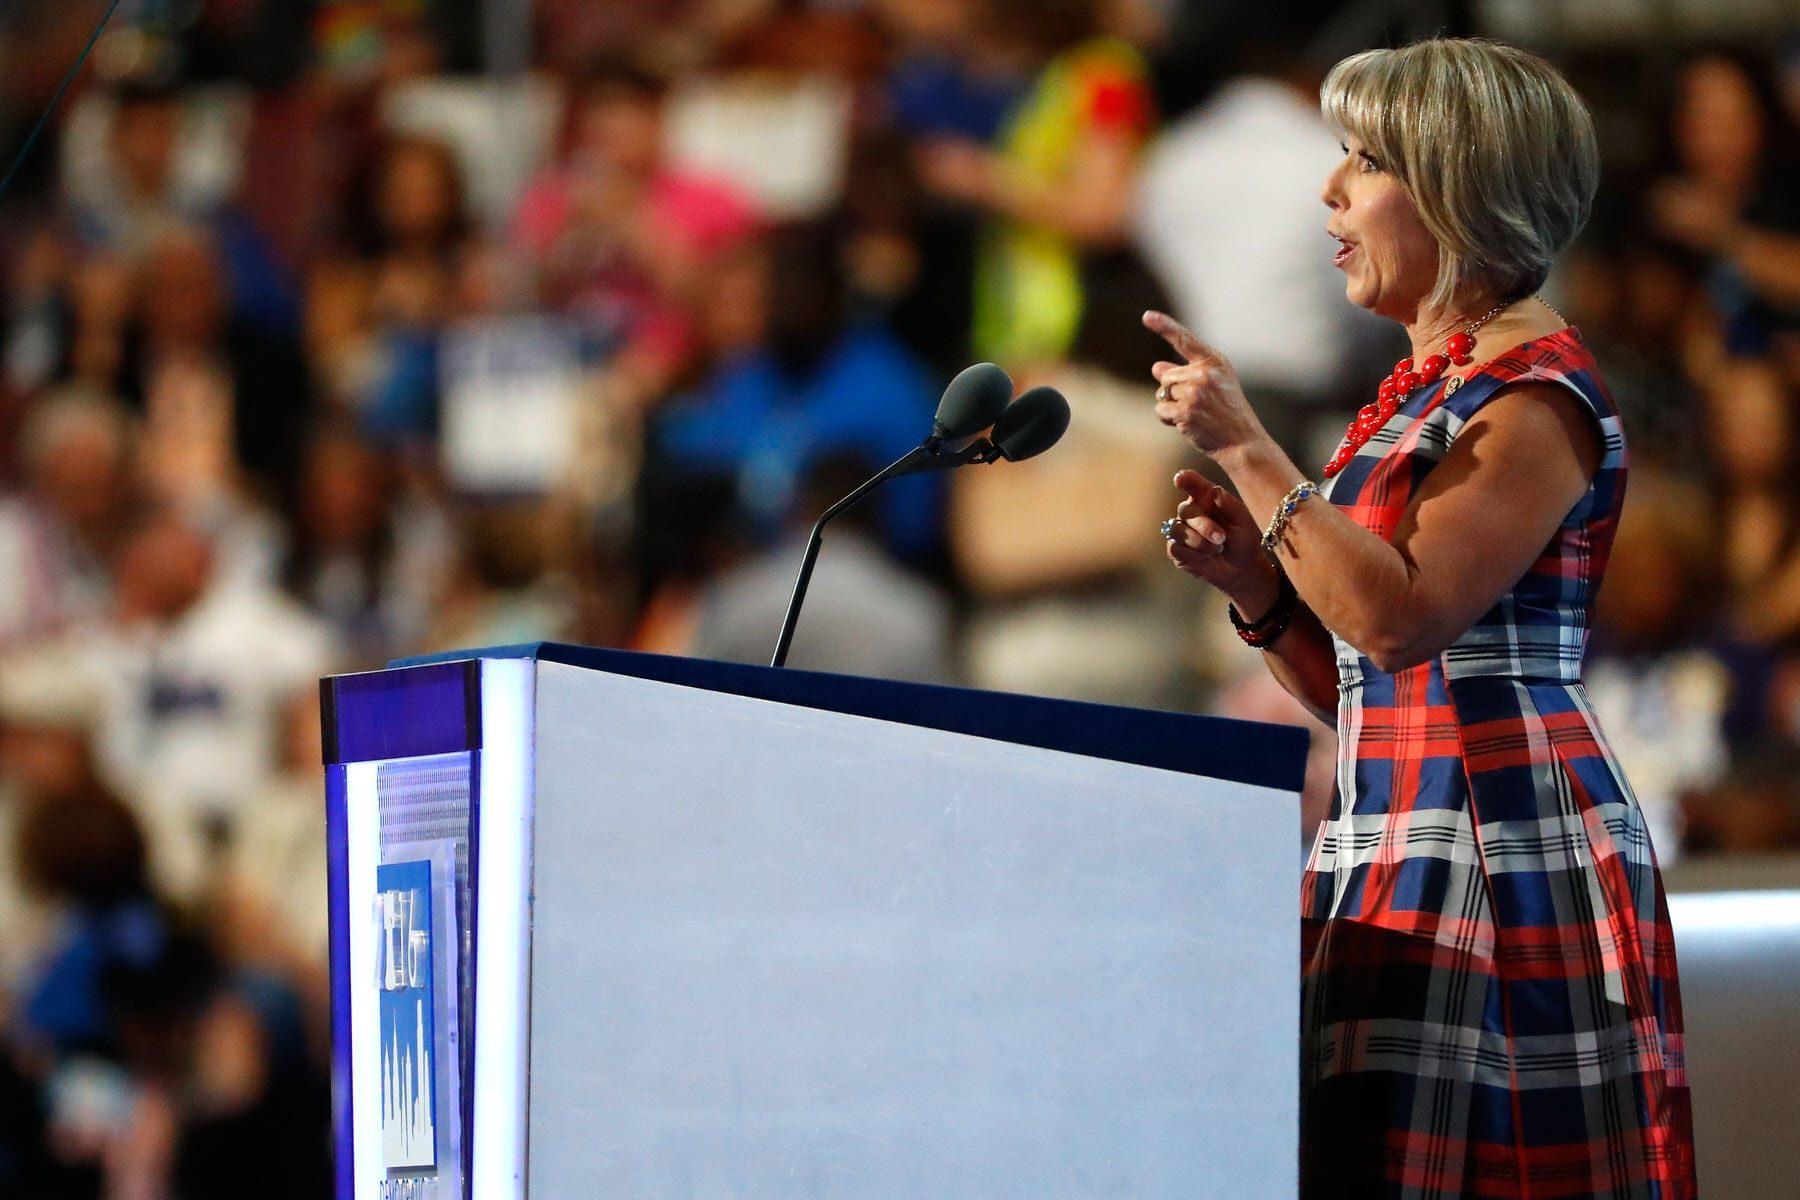 Gov. Michelle Lujan Grisham speaking at a podium.